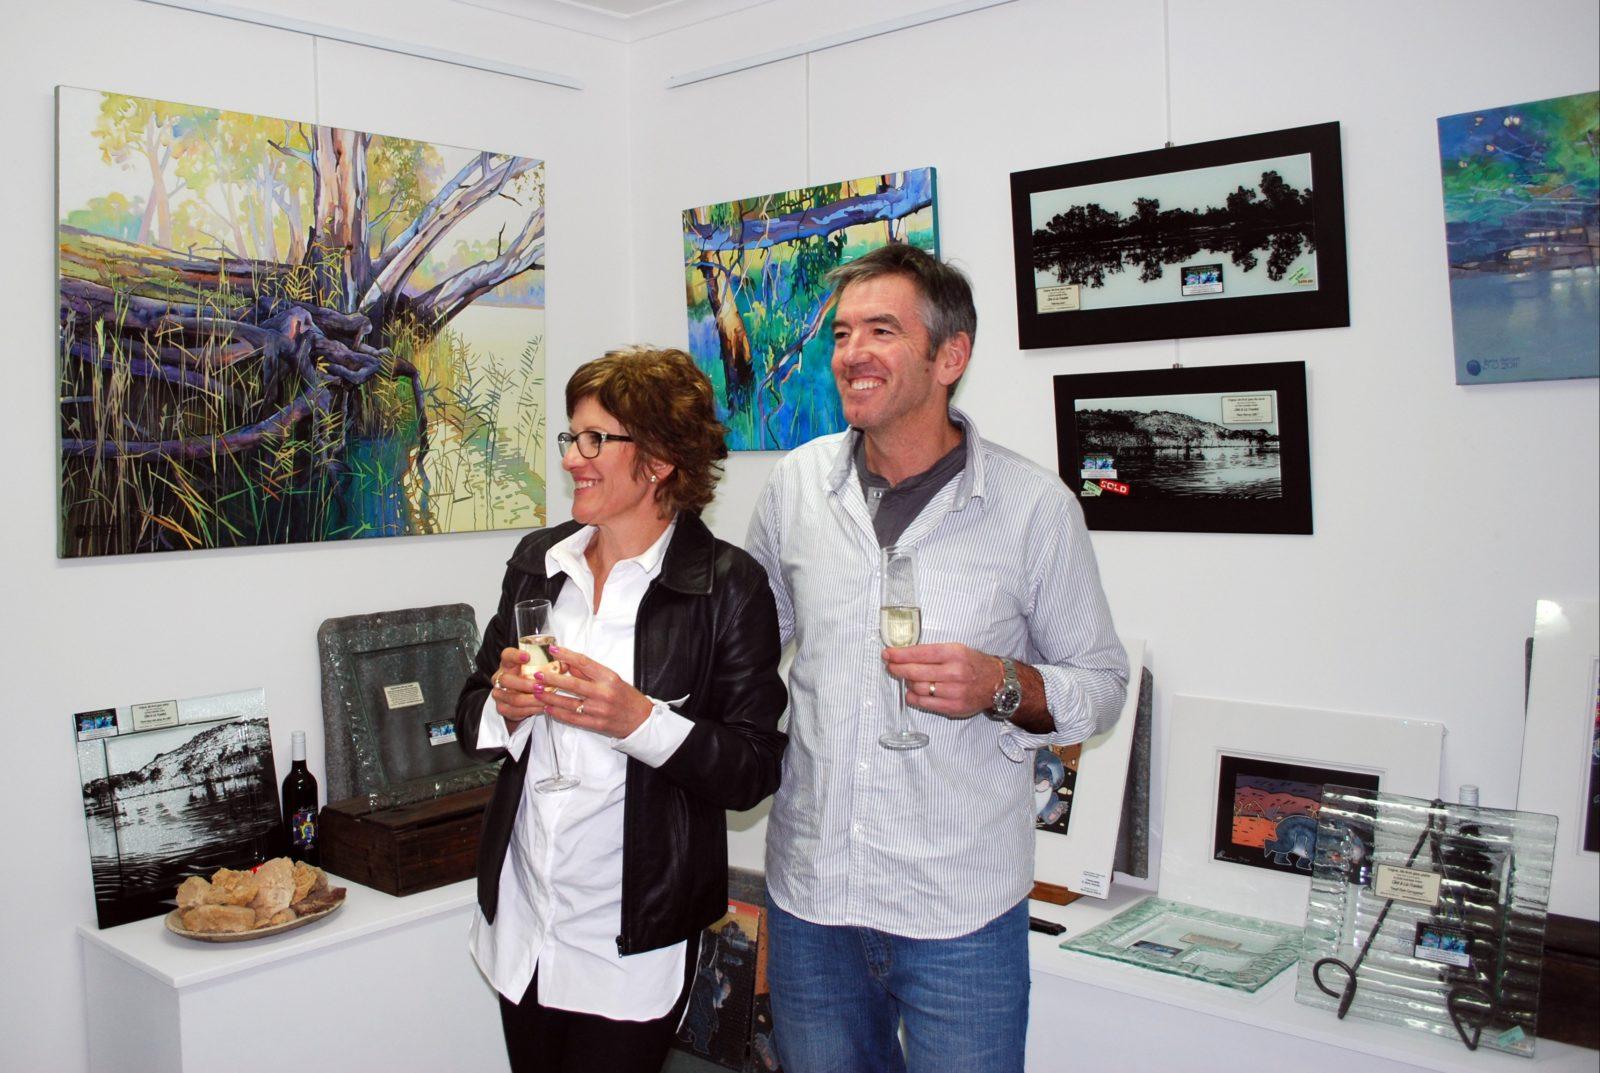 enjoying artwork in Riverglen View Art Studio & Gallery